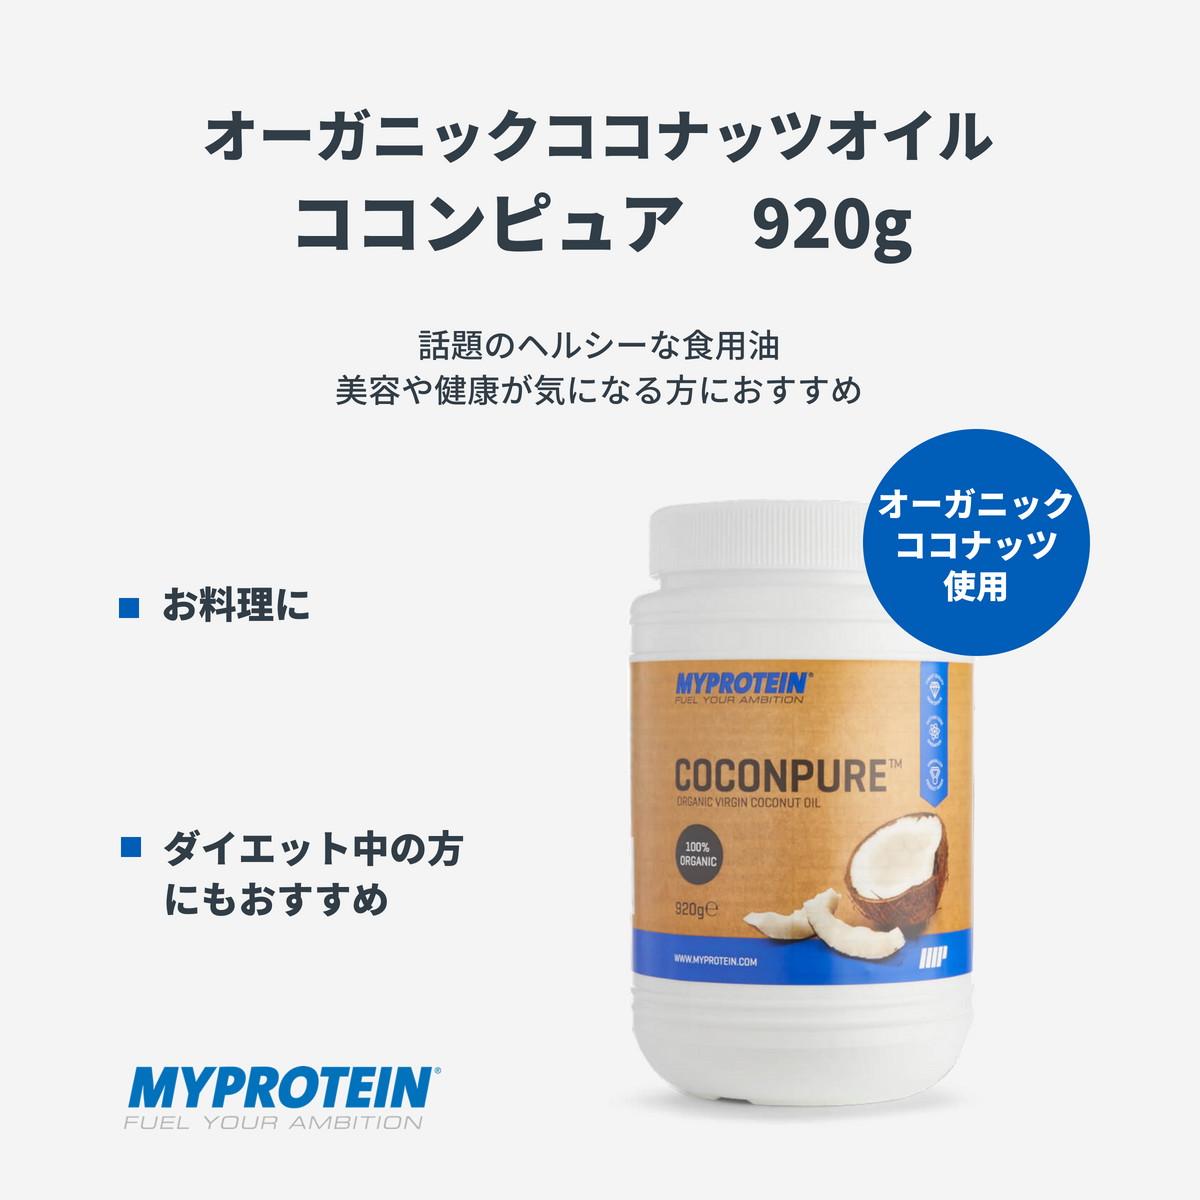 マイプロテイン 公式 【MyProtein】 ココナッツオイル 920g| ココナッツ油 MTCオイル ヘルシー